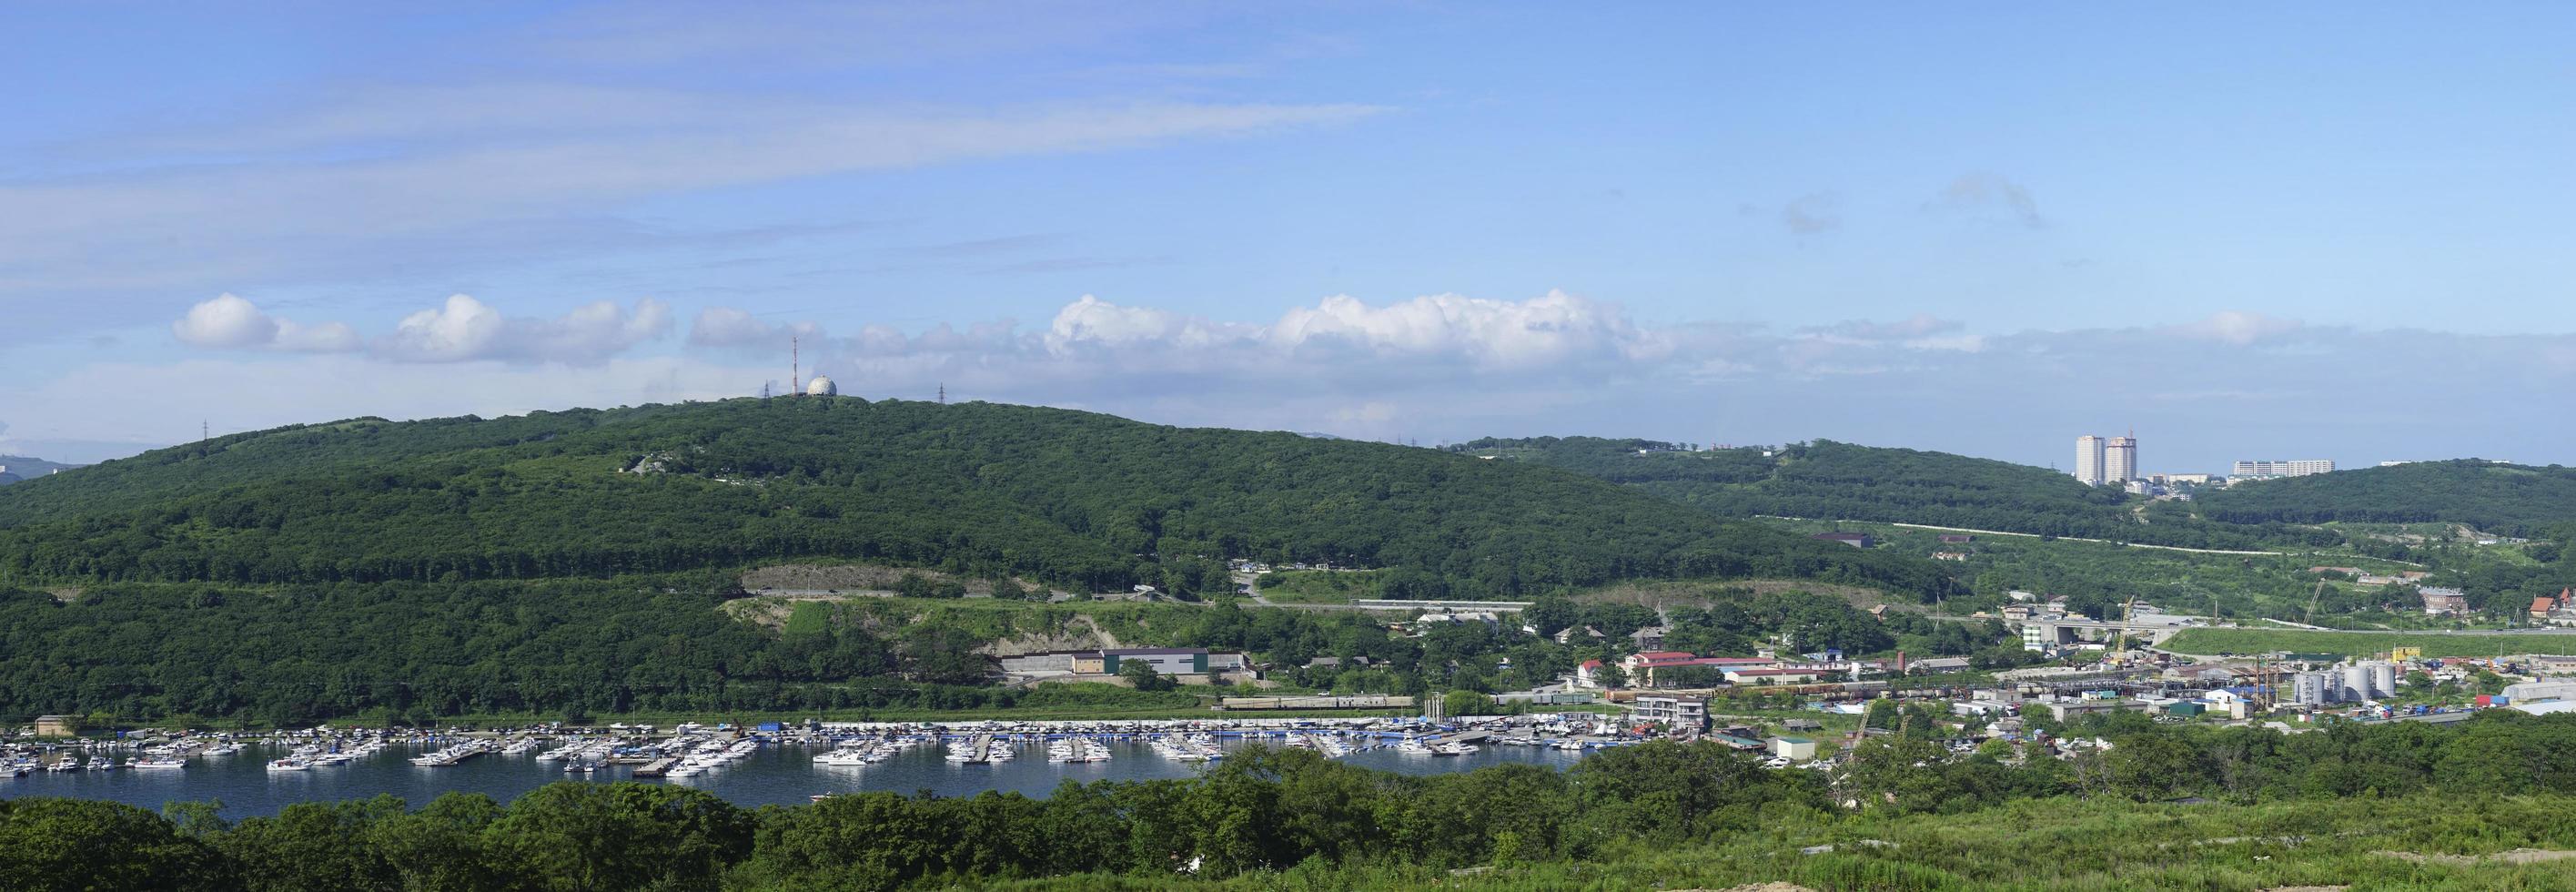 Panorama der Landschaft mit Blick auf die Bucht von Ulysses foto